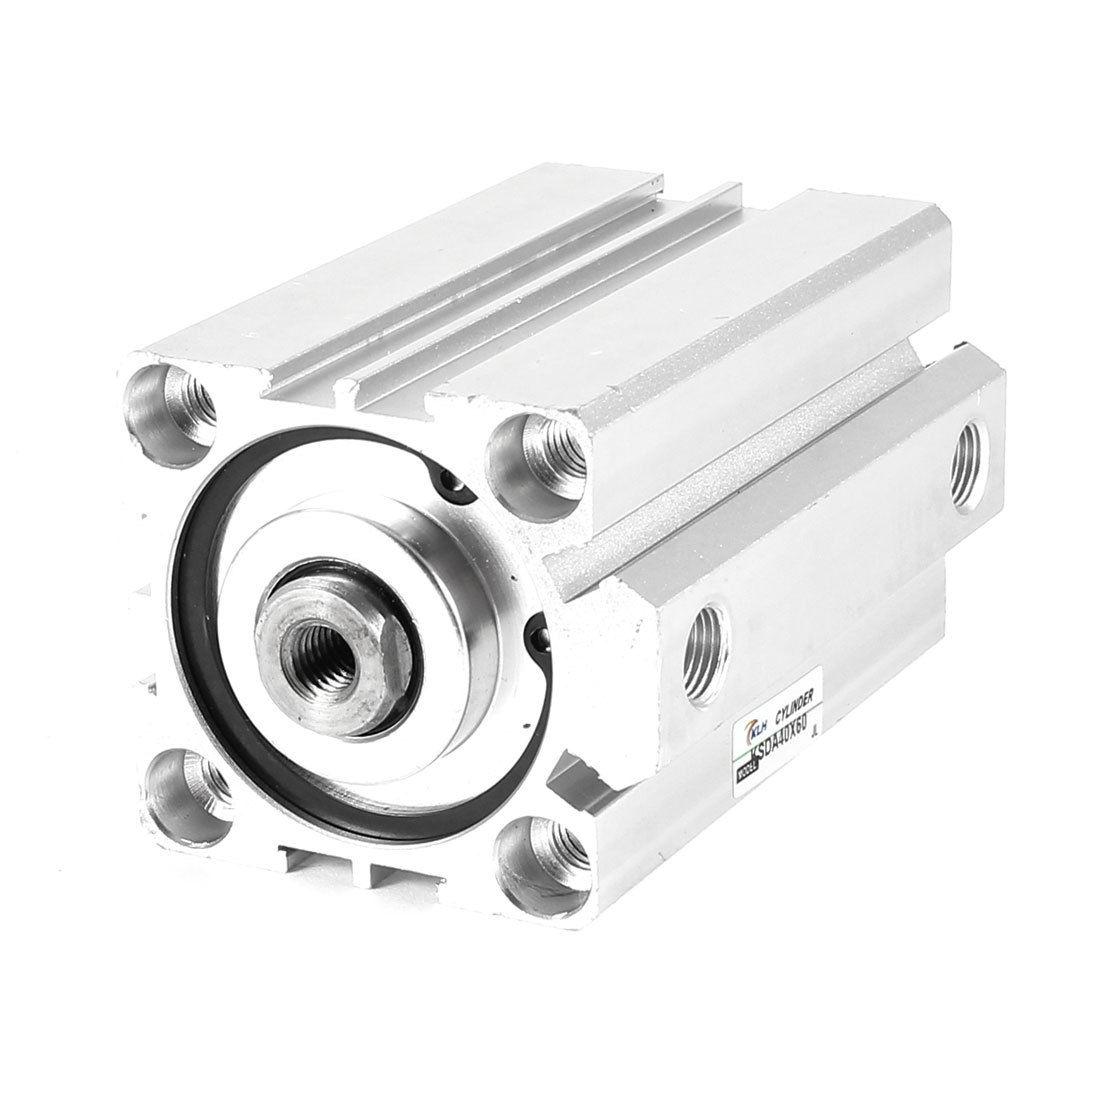 1 Adet 50mm Bore 30mm İnme Paslanmaz çelik Pnömatik Hava Silindir SDA50-30